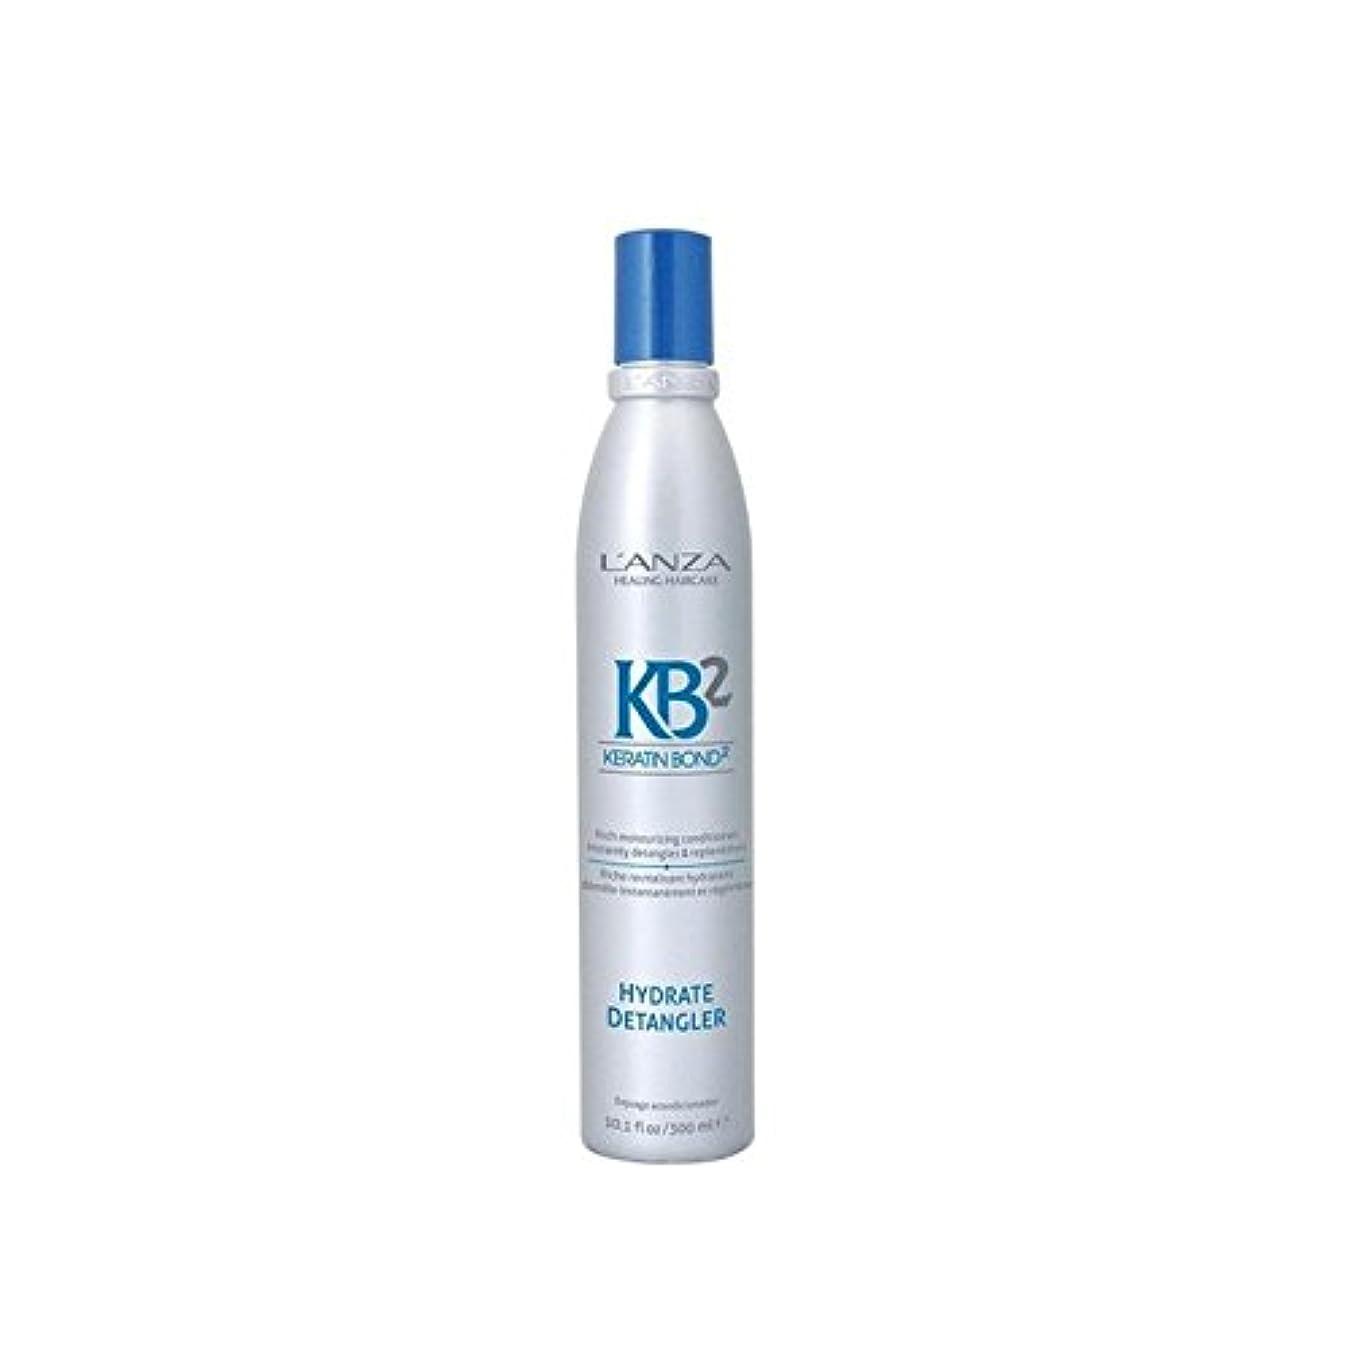 記念品記念品まとめるL'Anza Kb2 Hydrate Detangler (300ml) - アンザ2和物(300ミリリットル) [並行輸入品]